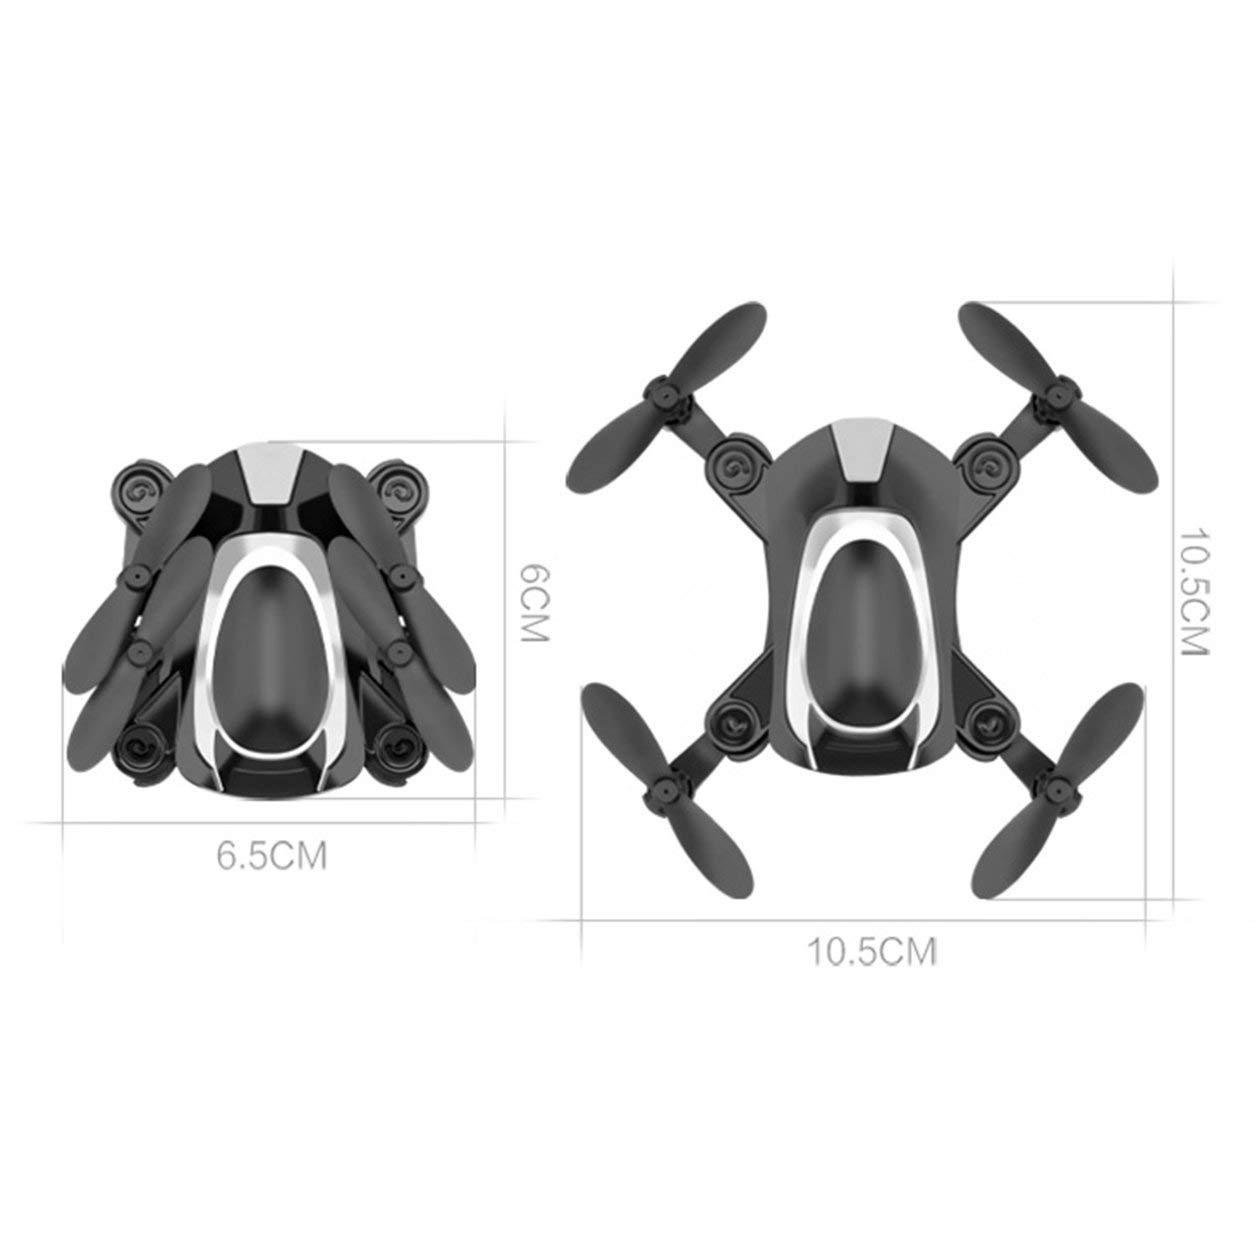 Dailyinshop S8 720P Altitud Altitud Altitud Caacute;mara Mantenga sin Cabeza 3D Voltea Gravedad Sentido RC Quadcopter 64961f